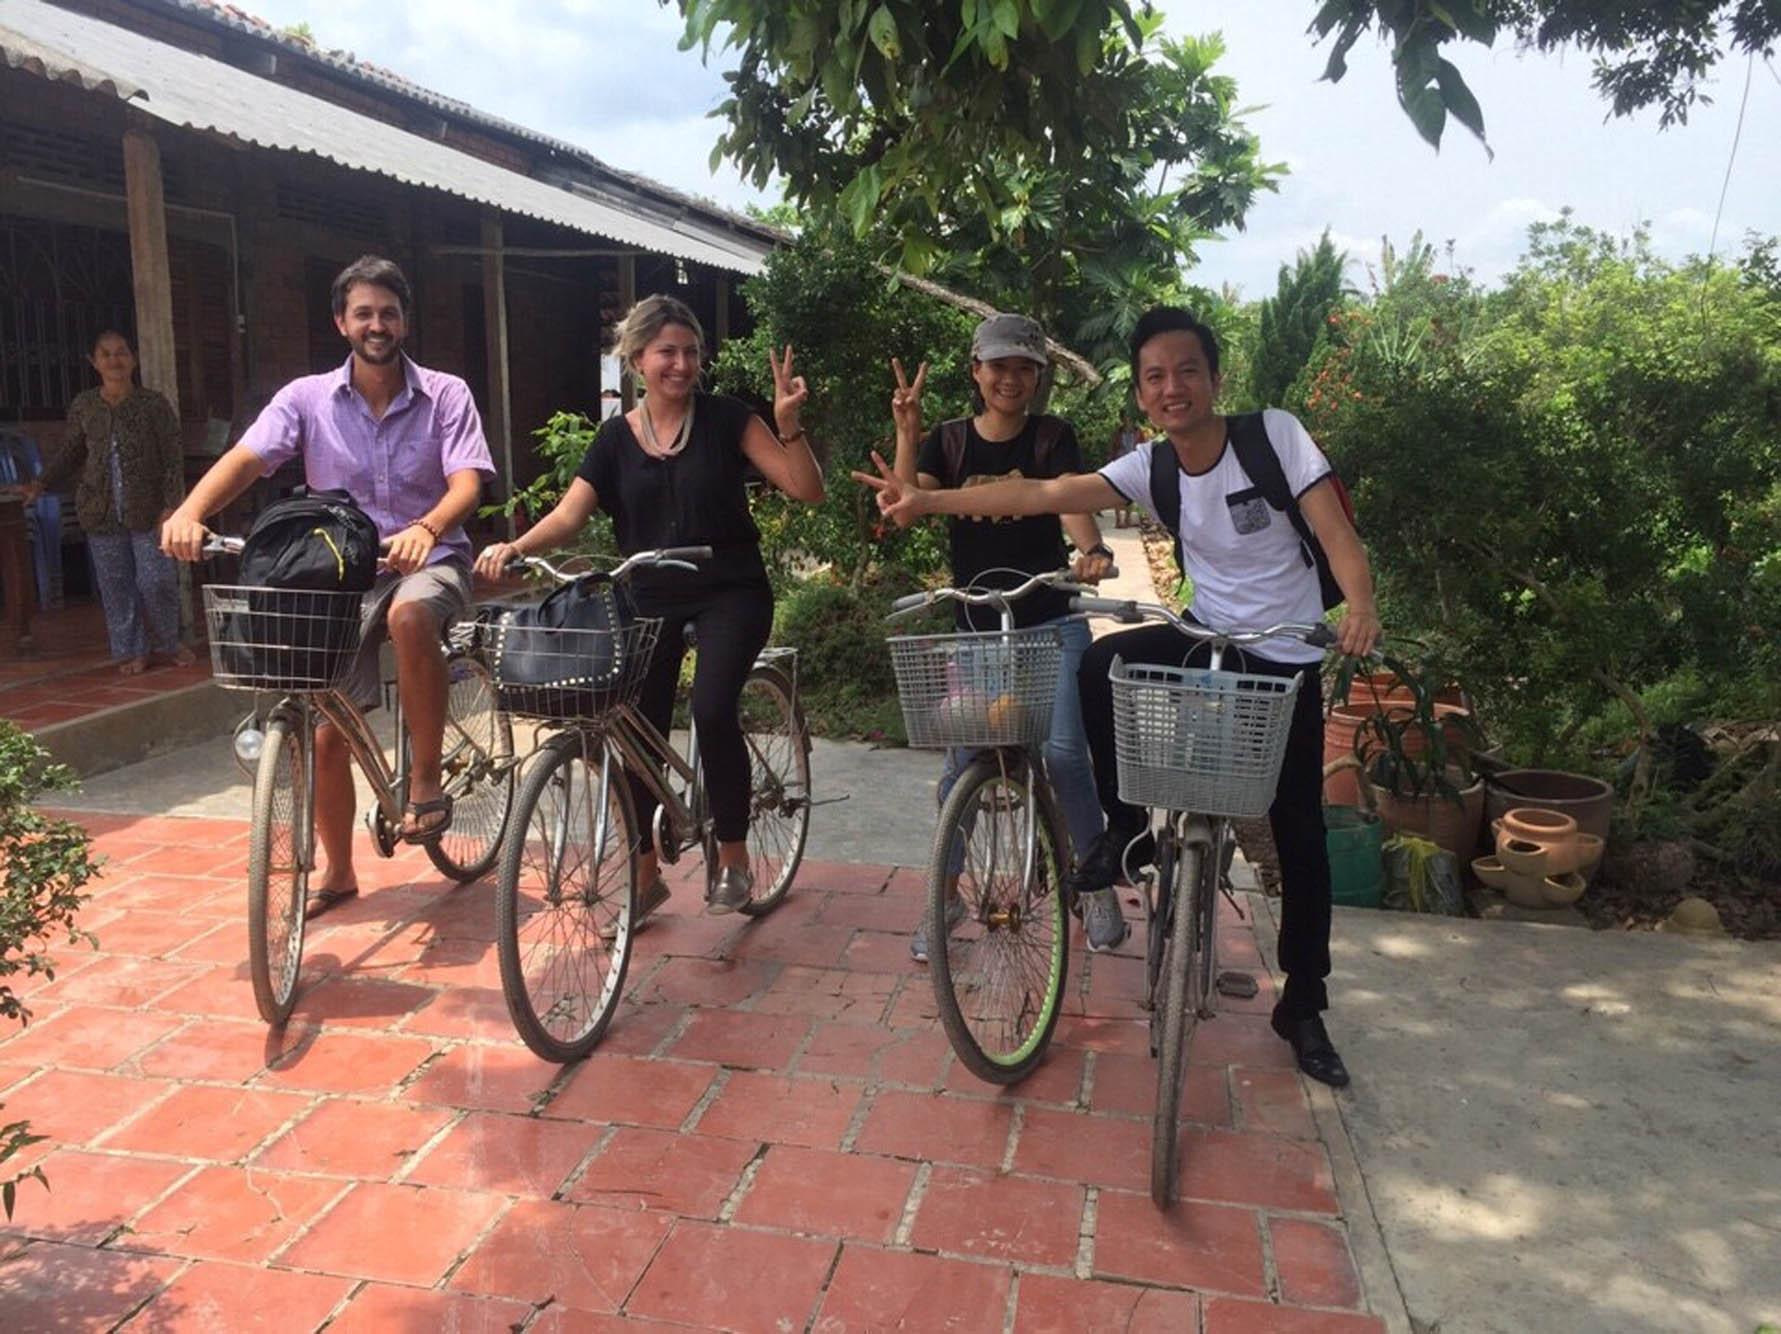 Passeio de bike em um vilarejo do Delta do Rio Mekong